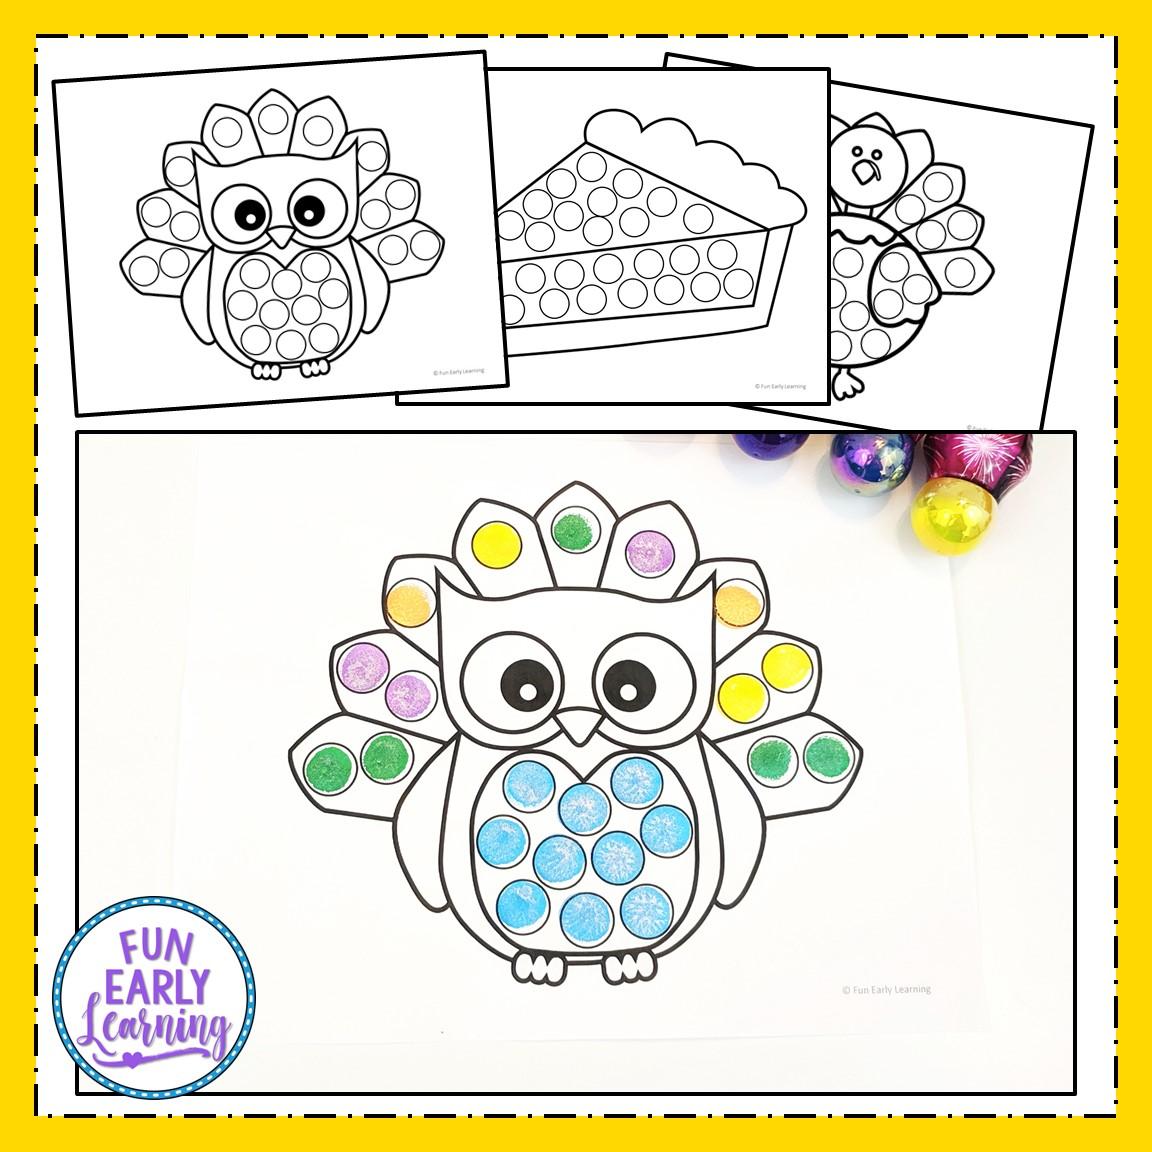 graphic relating to Free Printable Thanksgiving Bingo titled Thanksgiving Bingo Dauber Coloring Webpages Totally free Printable